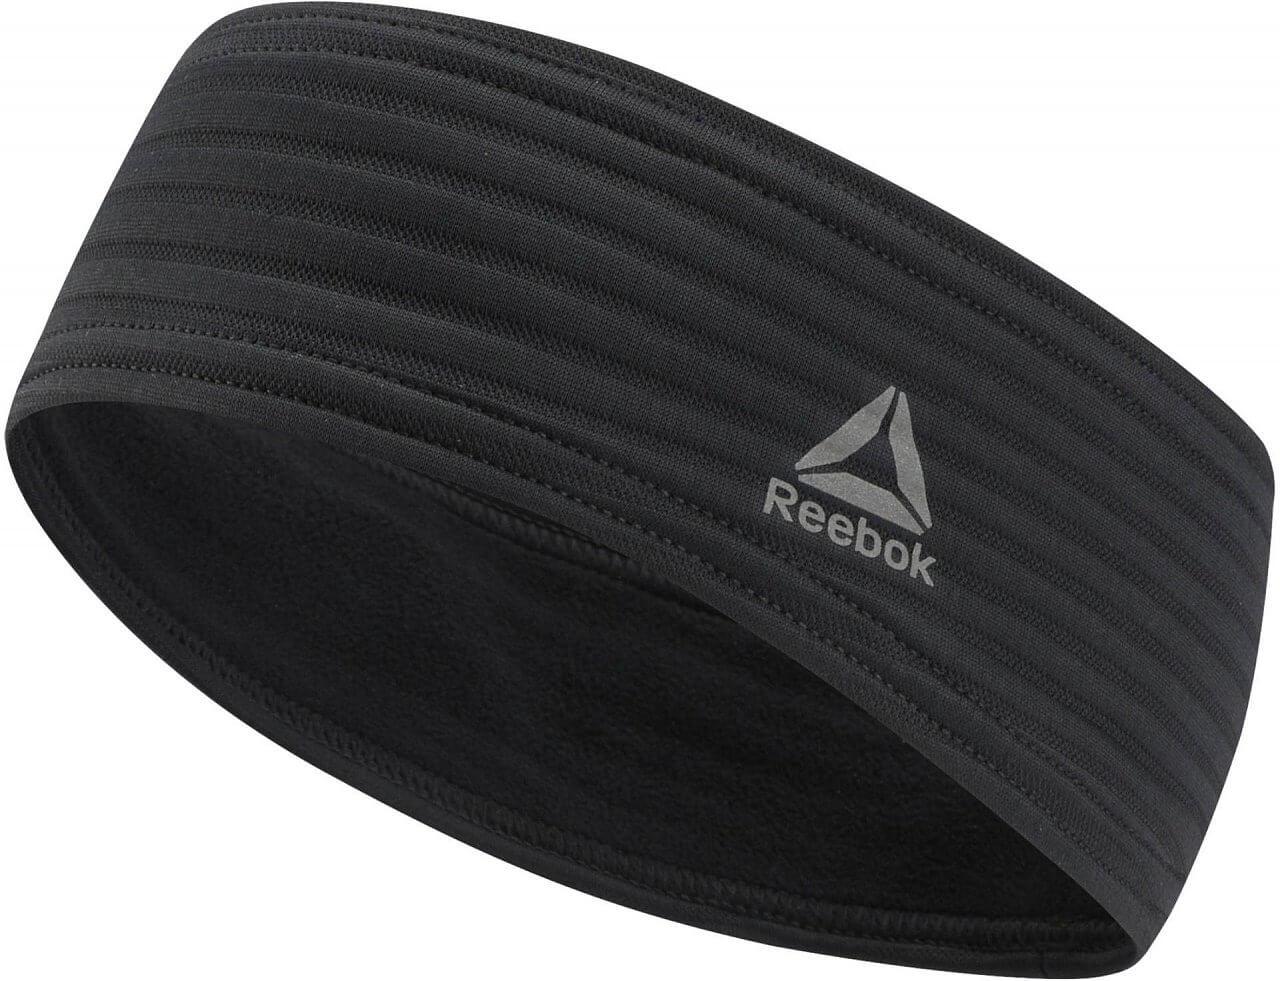 Sapkák Reebok Active Enhanced Winter Headband